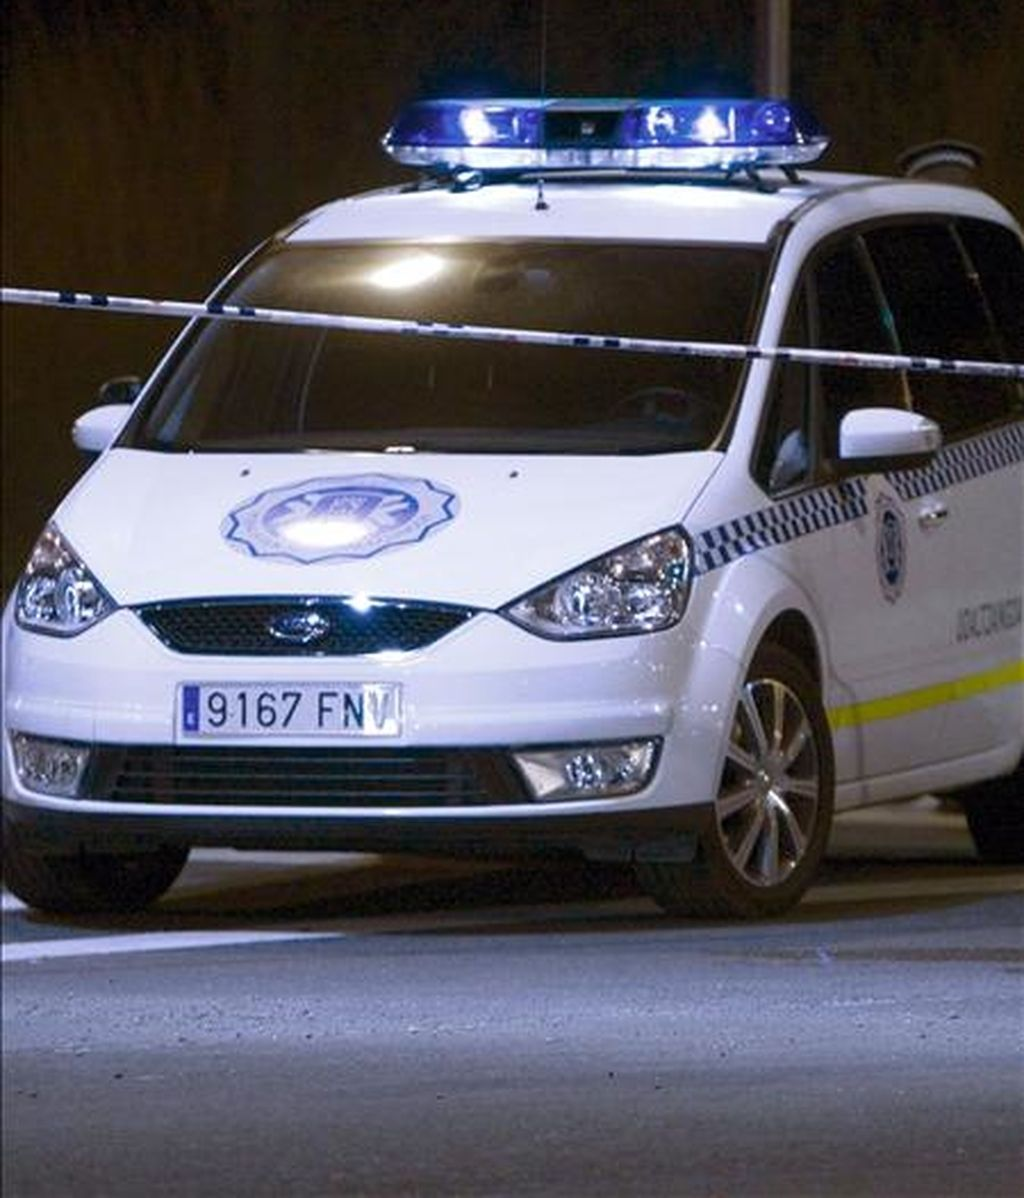 La Ertzaintza ha detenido esta madrugada en Vitoria a un hombre de 32 años acusado de agredir a su mujer. EFE/Archivo